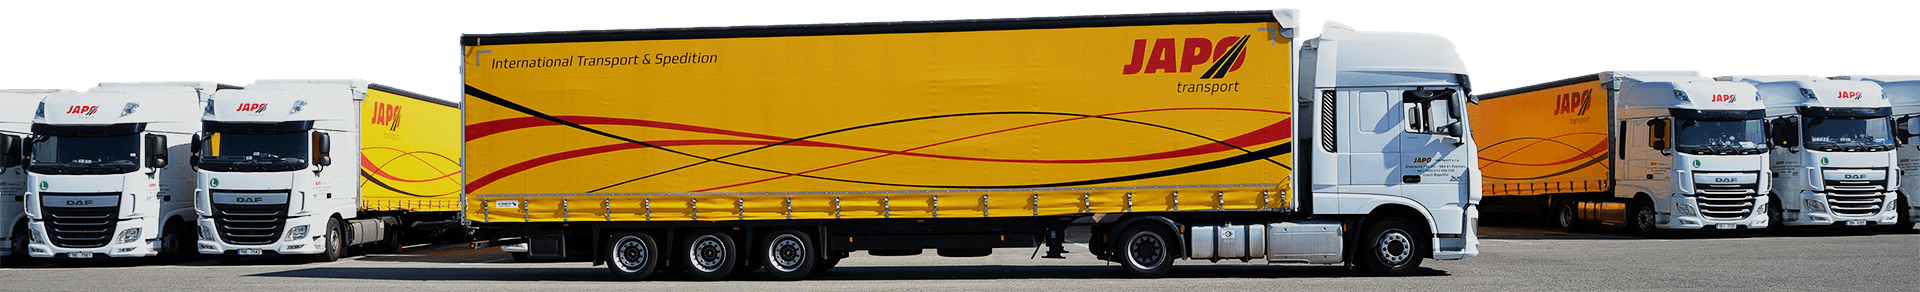 Kamióny na parkovišti